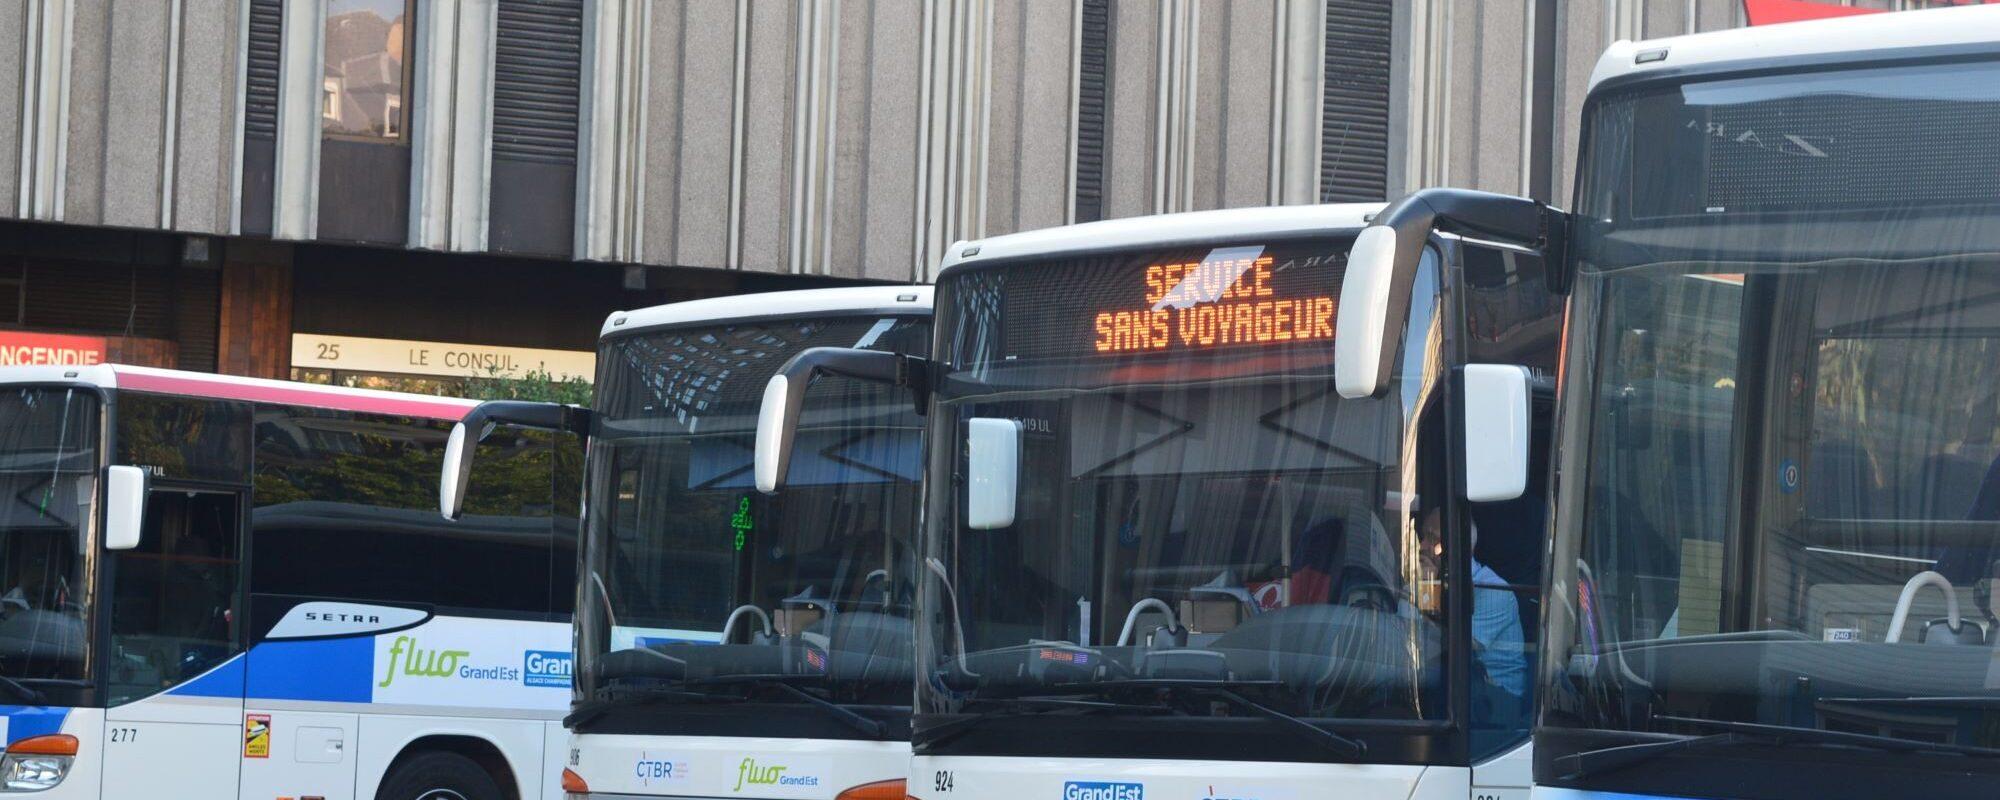 À partir de lundi, grève des conducteurs CTBR, contre la dégradation des conditions de travail